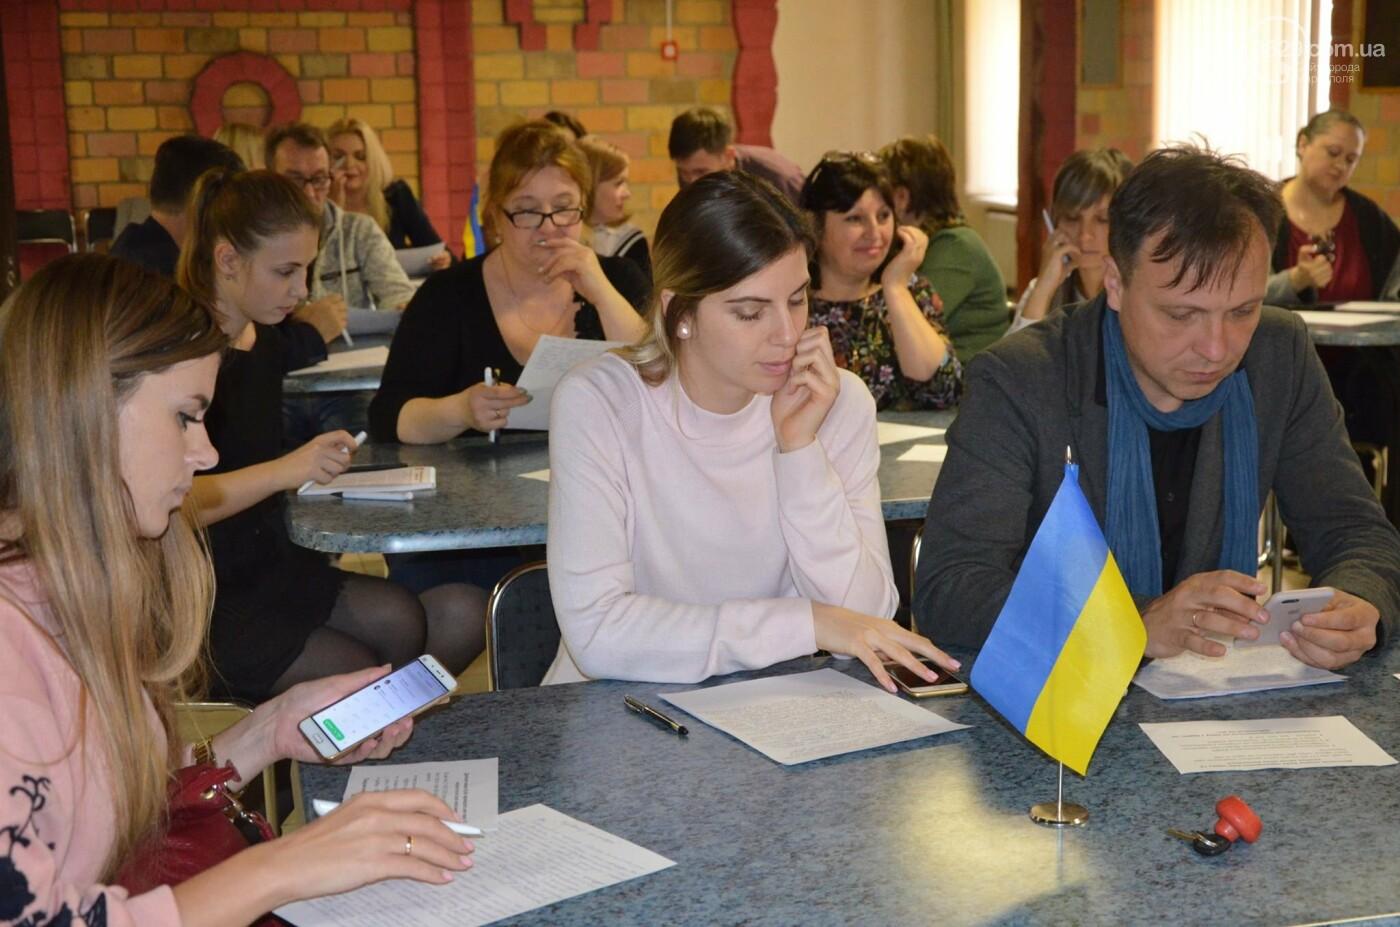 Мариупольцы проверили знание украинского языка, - ФОТО, ВИДЕО, фото-2